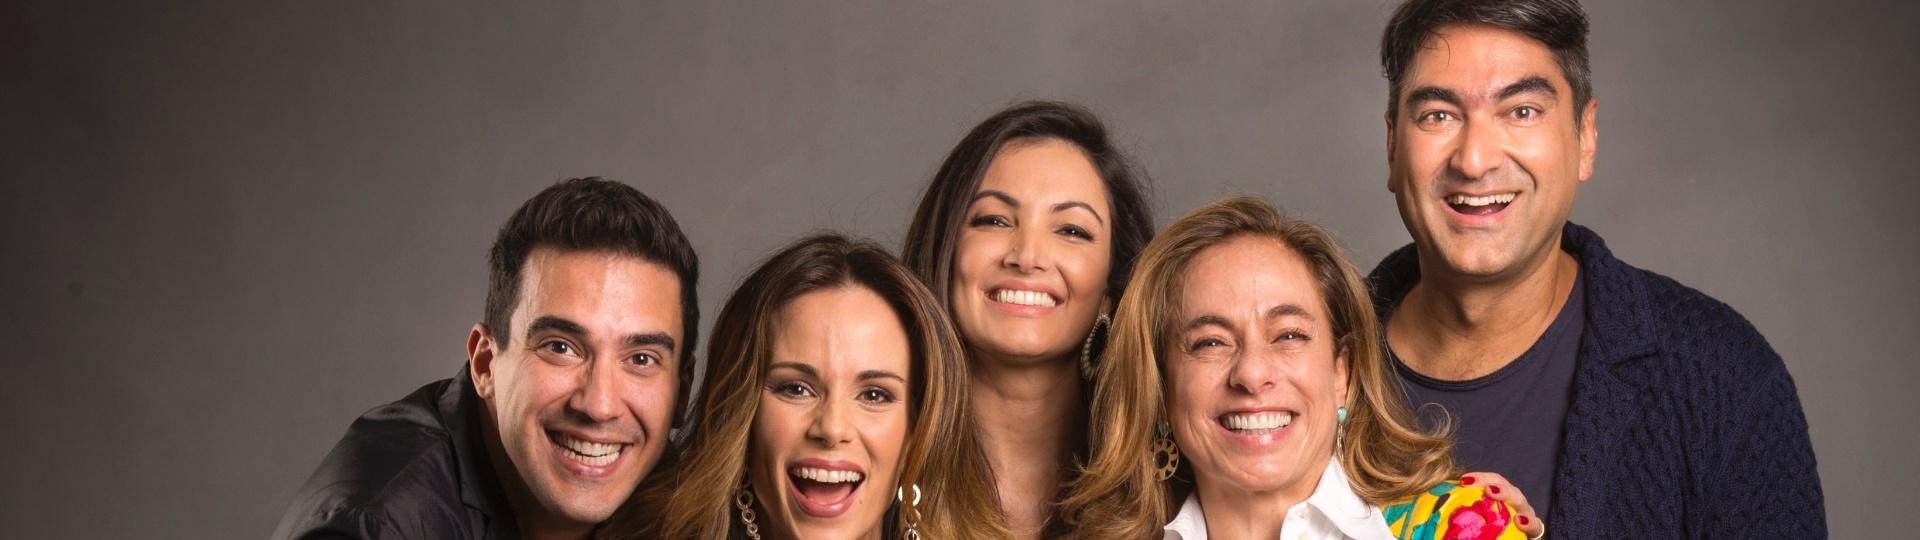 Ana Furtado, André Marques, Cissa Guimarães, Patrícia Poeta, Tiago Leifert e Zeca Camargo apresentam o